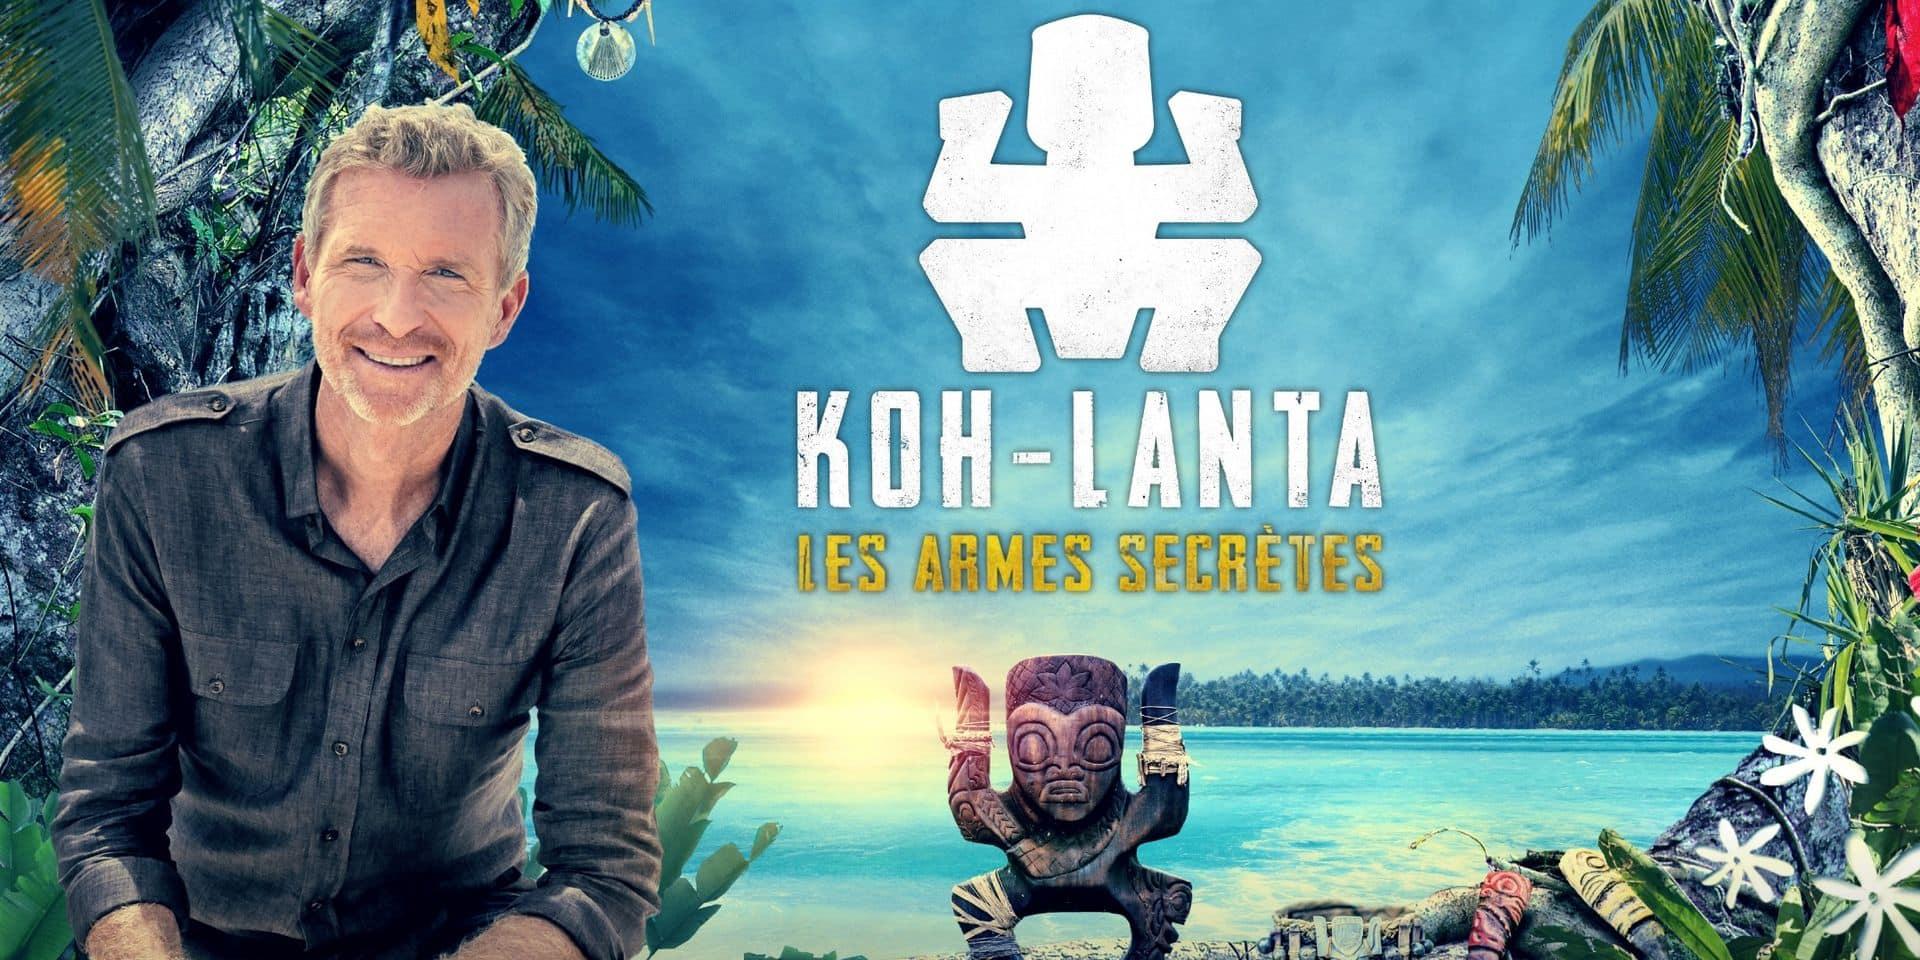 """Retournement de situation ce soir dans """"Koh-Lanta: Les armes secrètes""""!"""